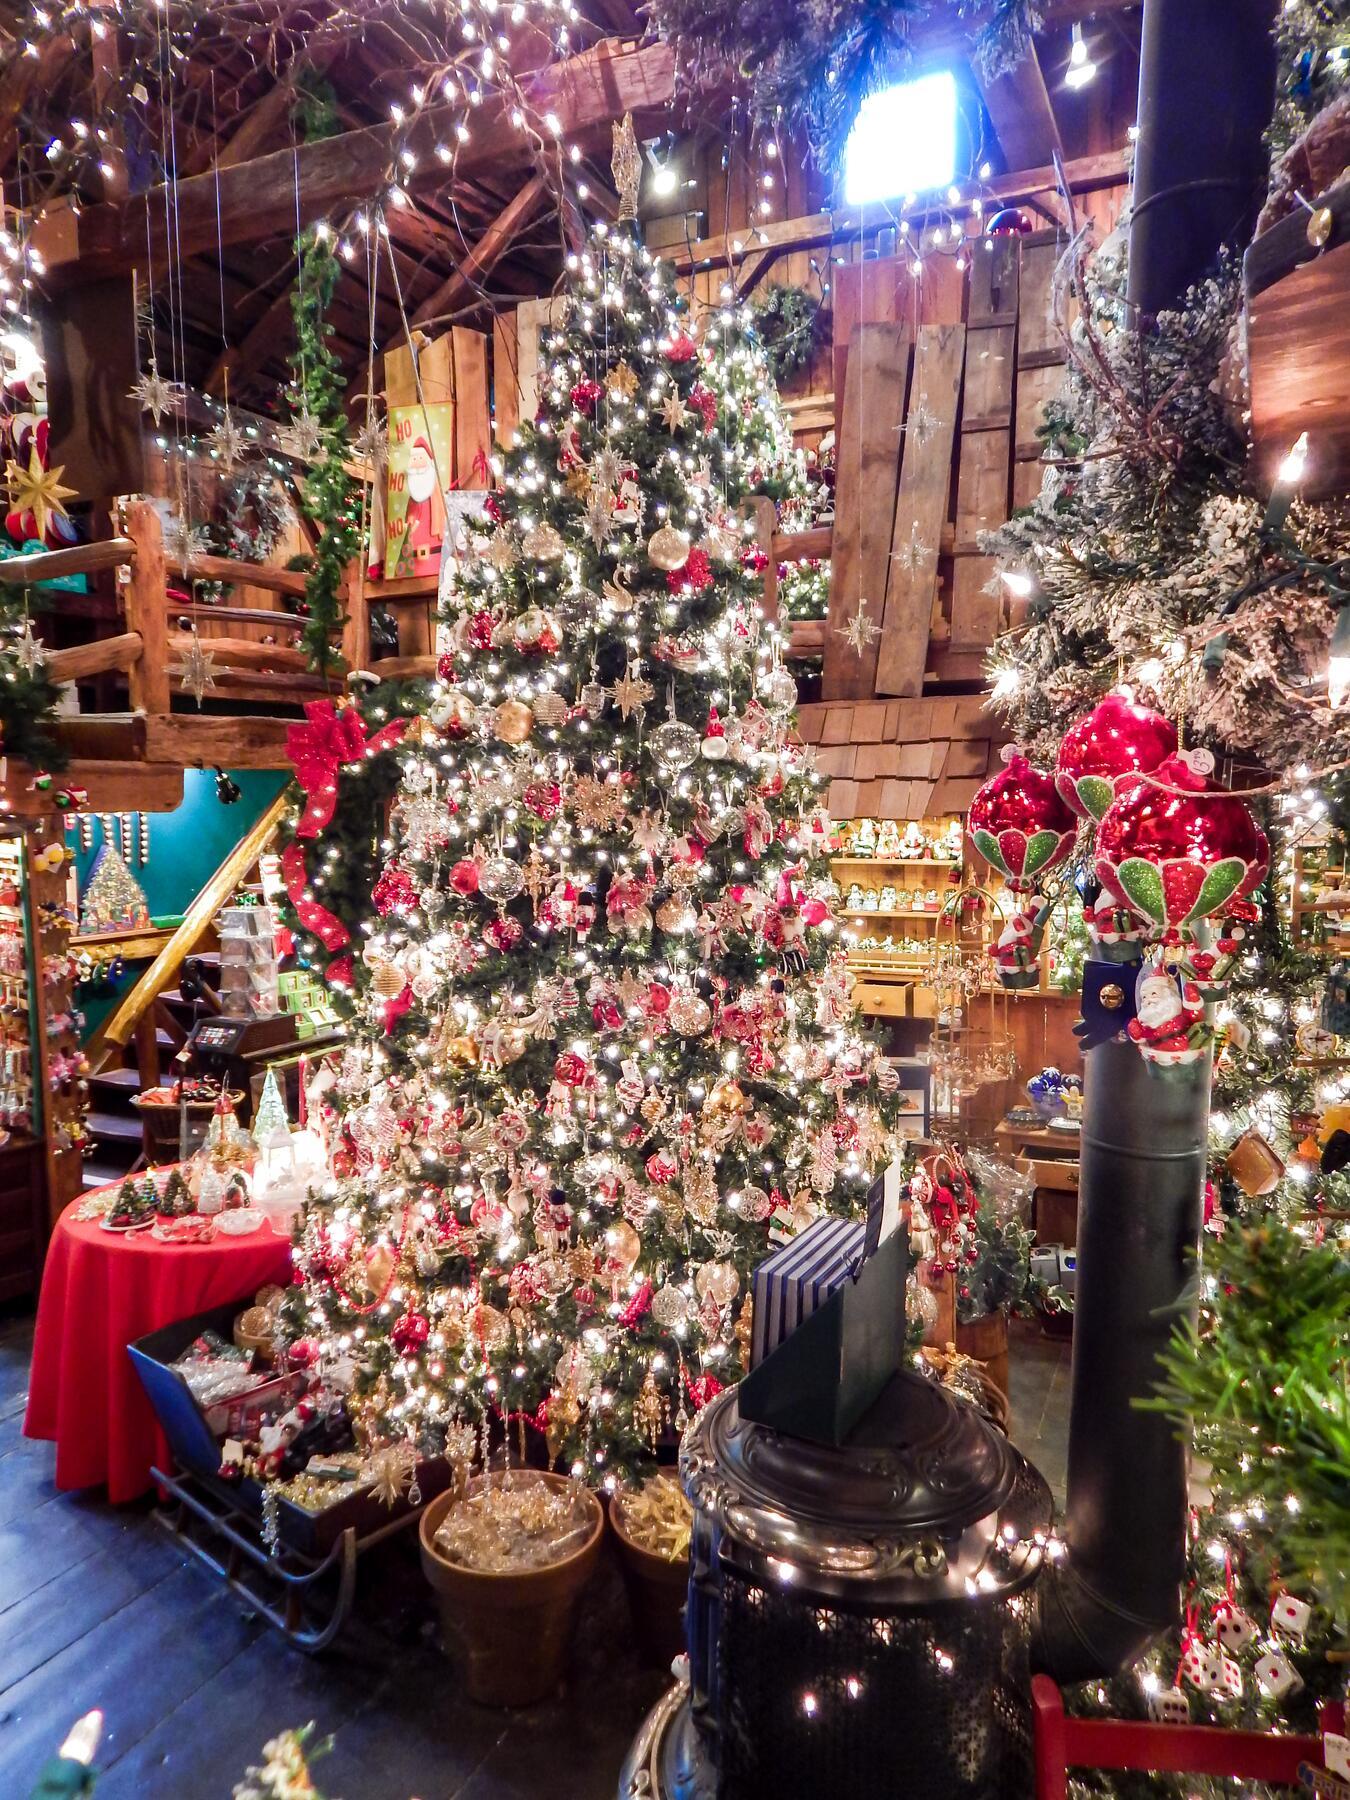 01_ChristmasStoresAllAround__ThePinkSleigh_1.) DSCN2287